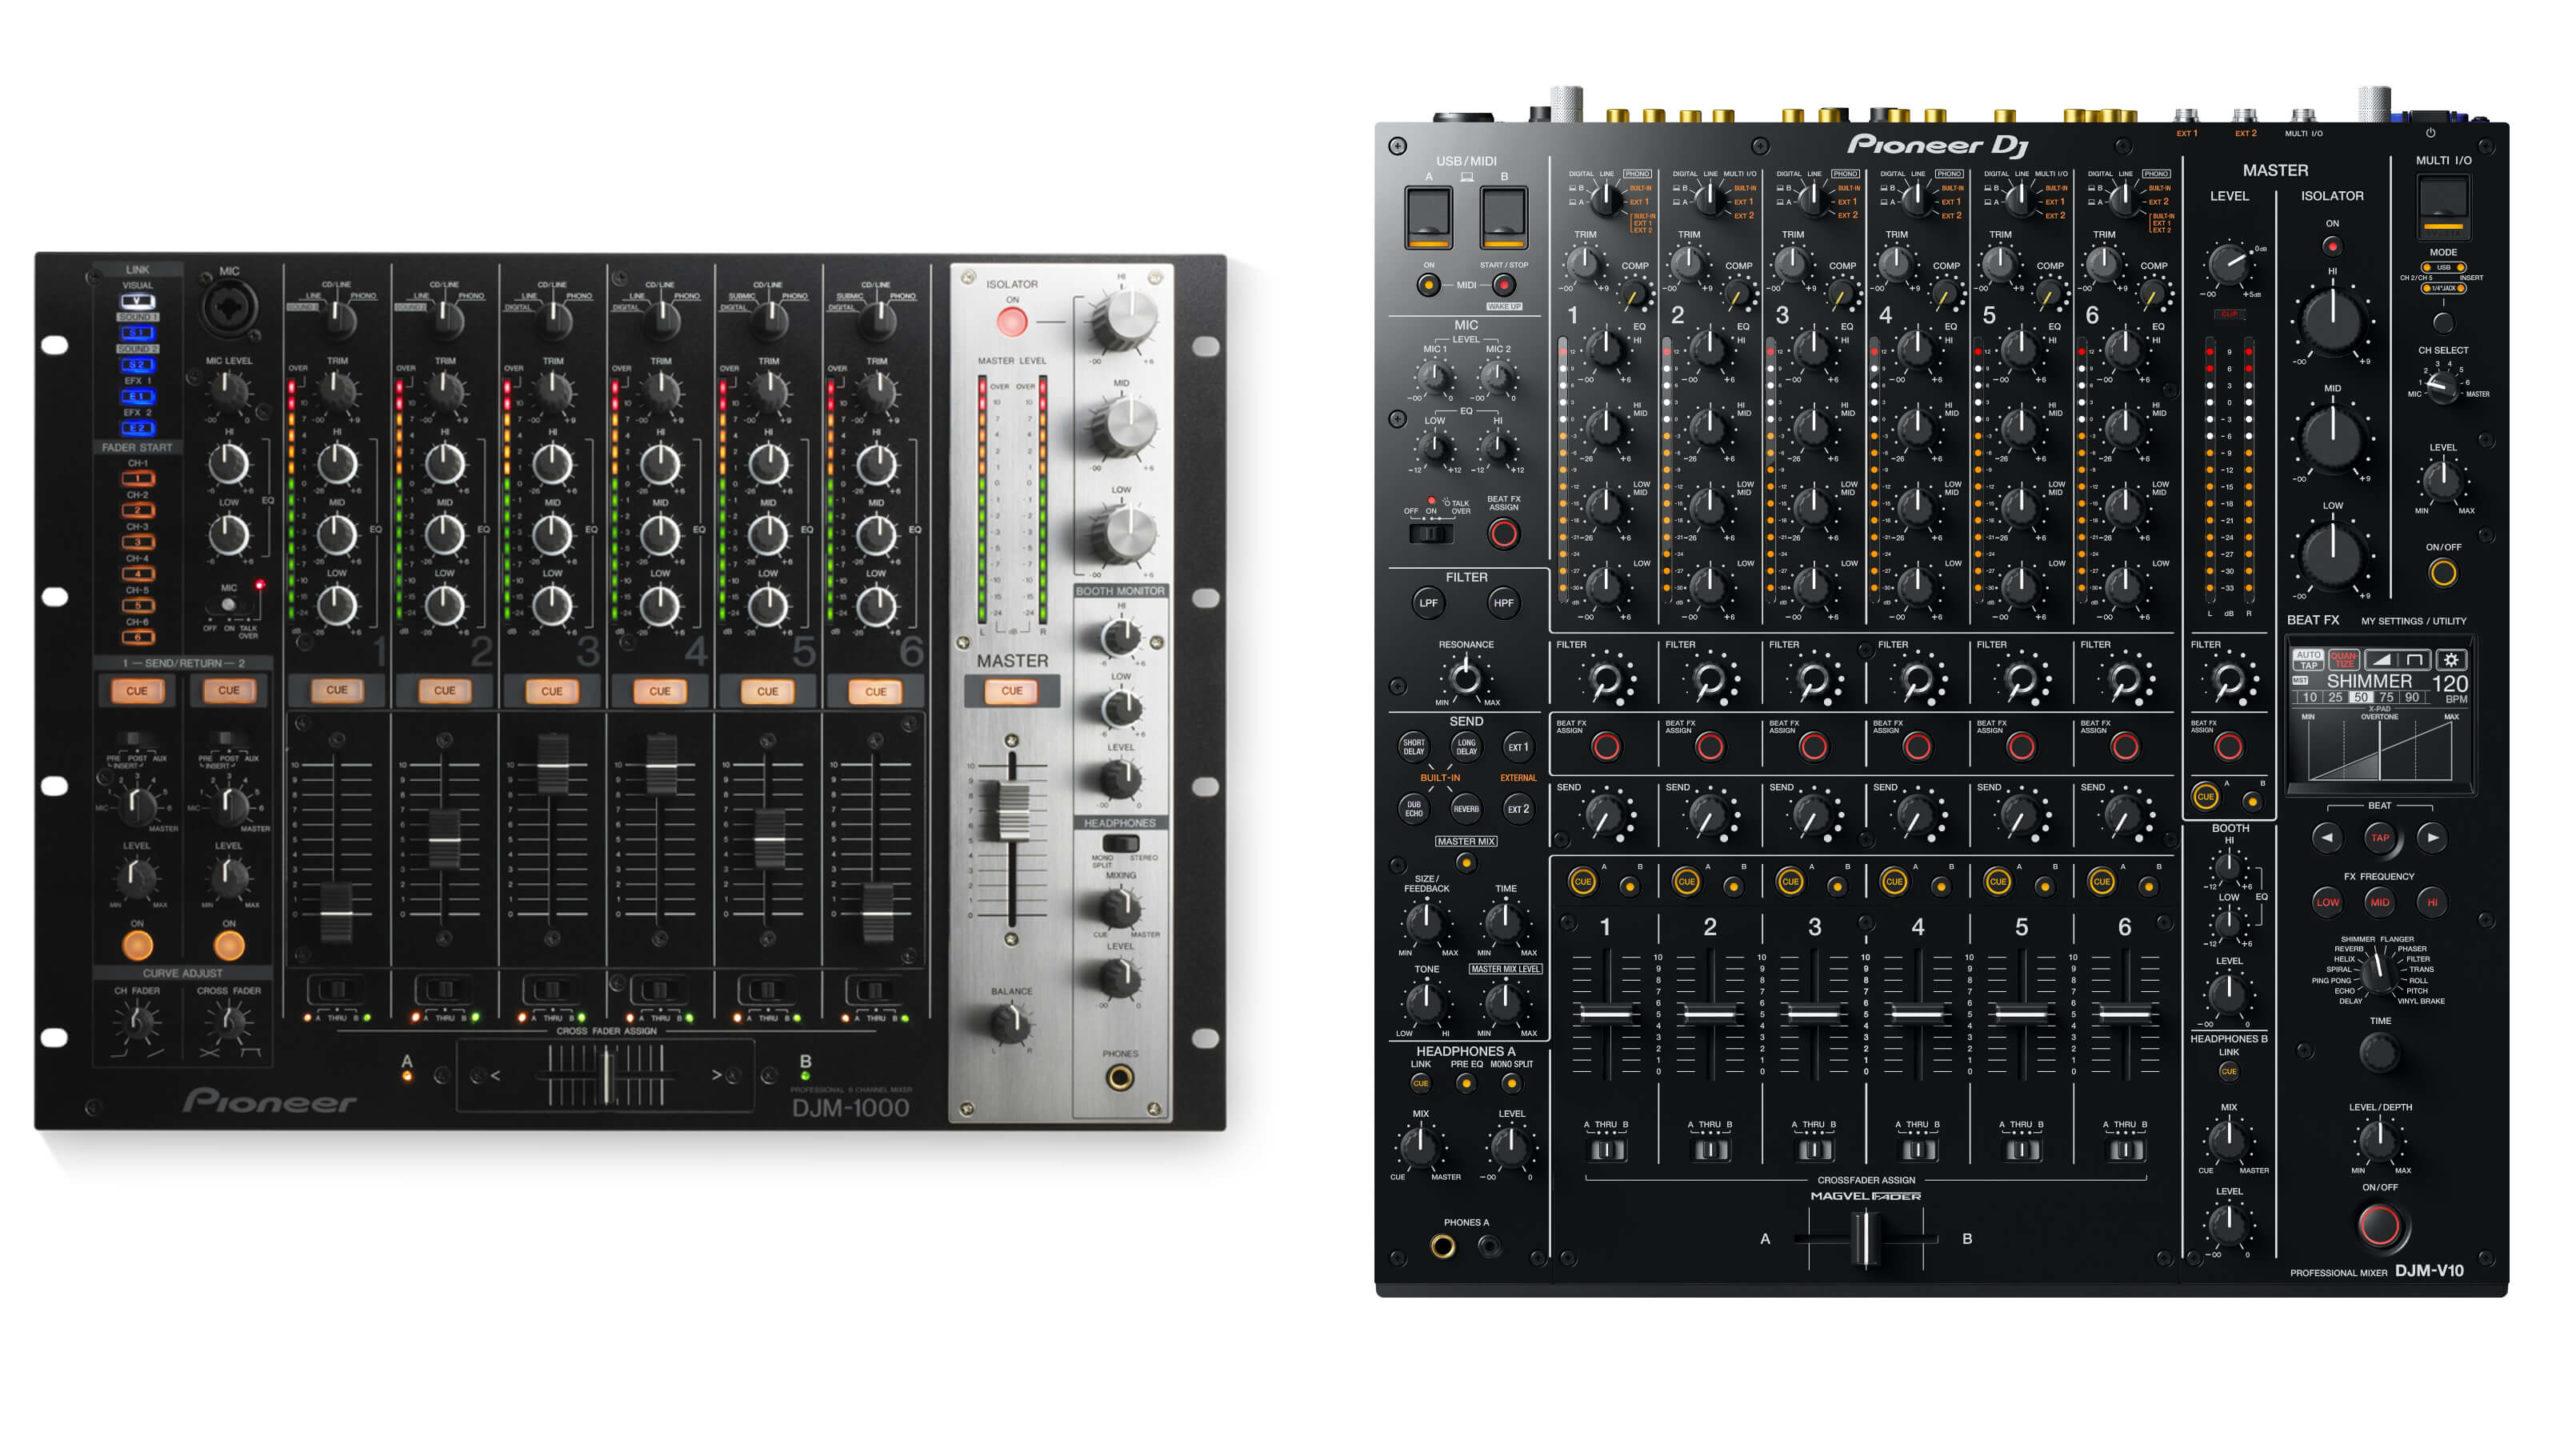 DJM-1000 & DJM-V10